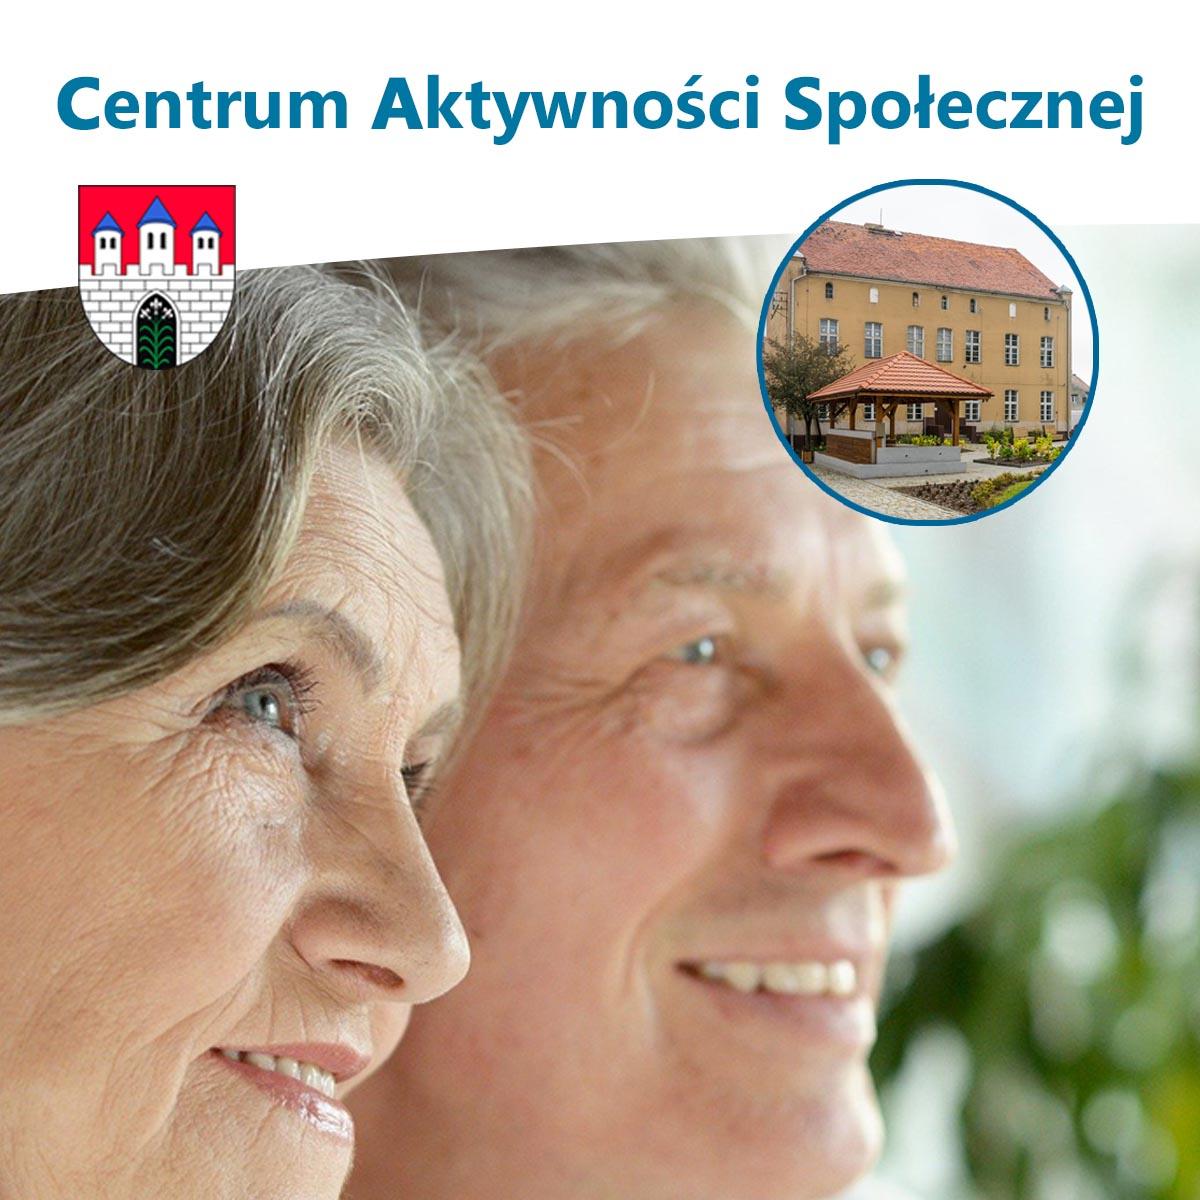 Zdjęcie centrum aktywności społecznej